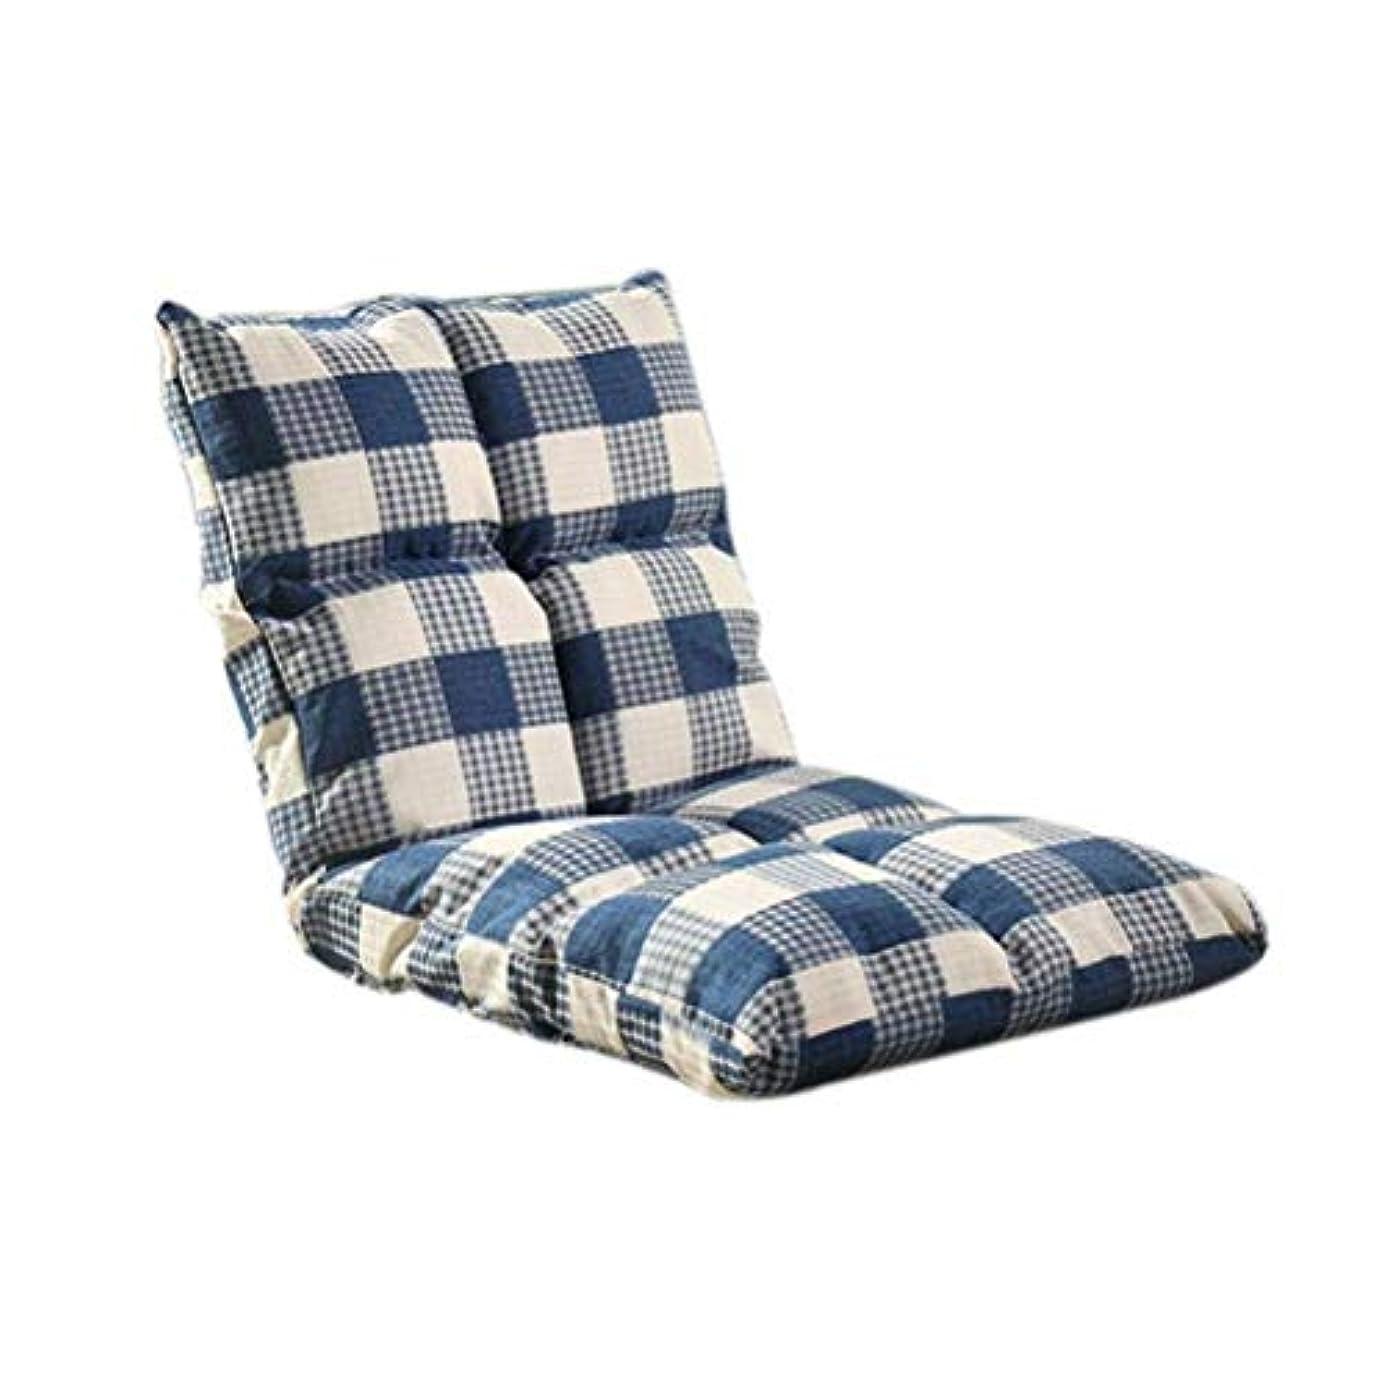 肘シート裁判所瞑想椅子、折りたたみ椅子、調節可能な椅子、畳シングルチェア、背もたれ付きのベッドルームベイウィンドウ日本の椅子、怠zyなソファゲームチェア (Color : 濃紺)